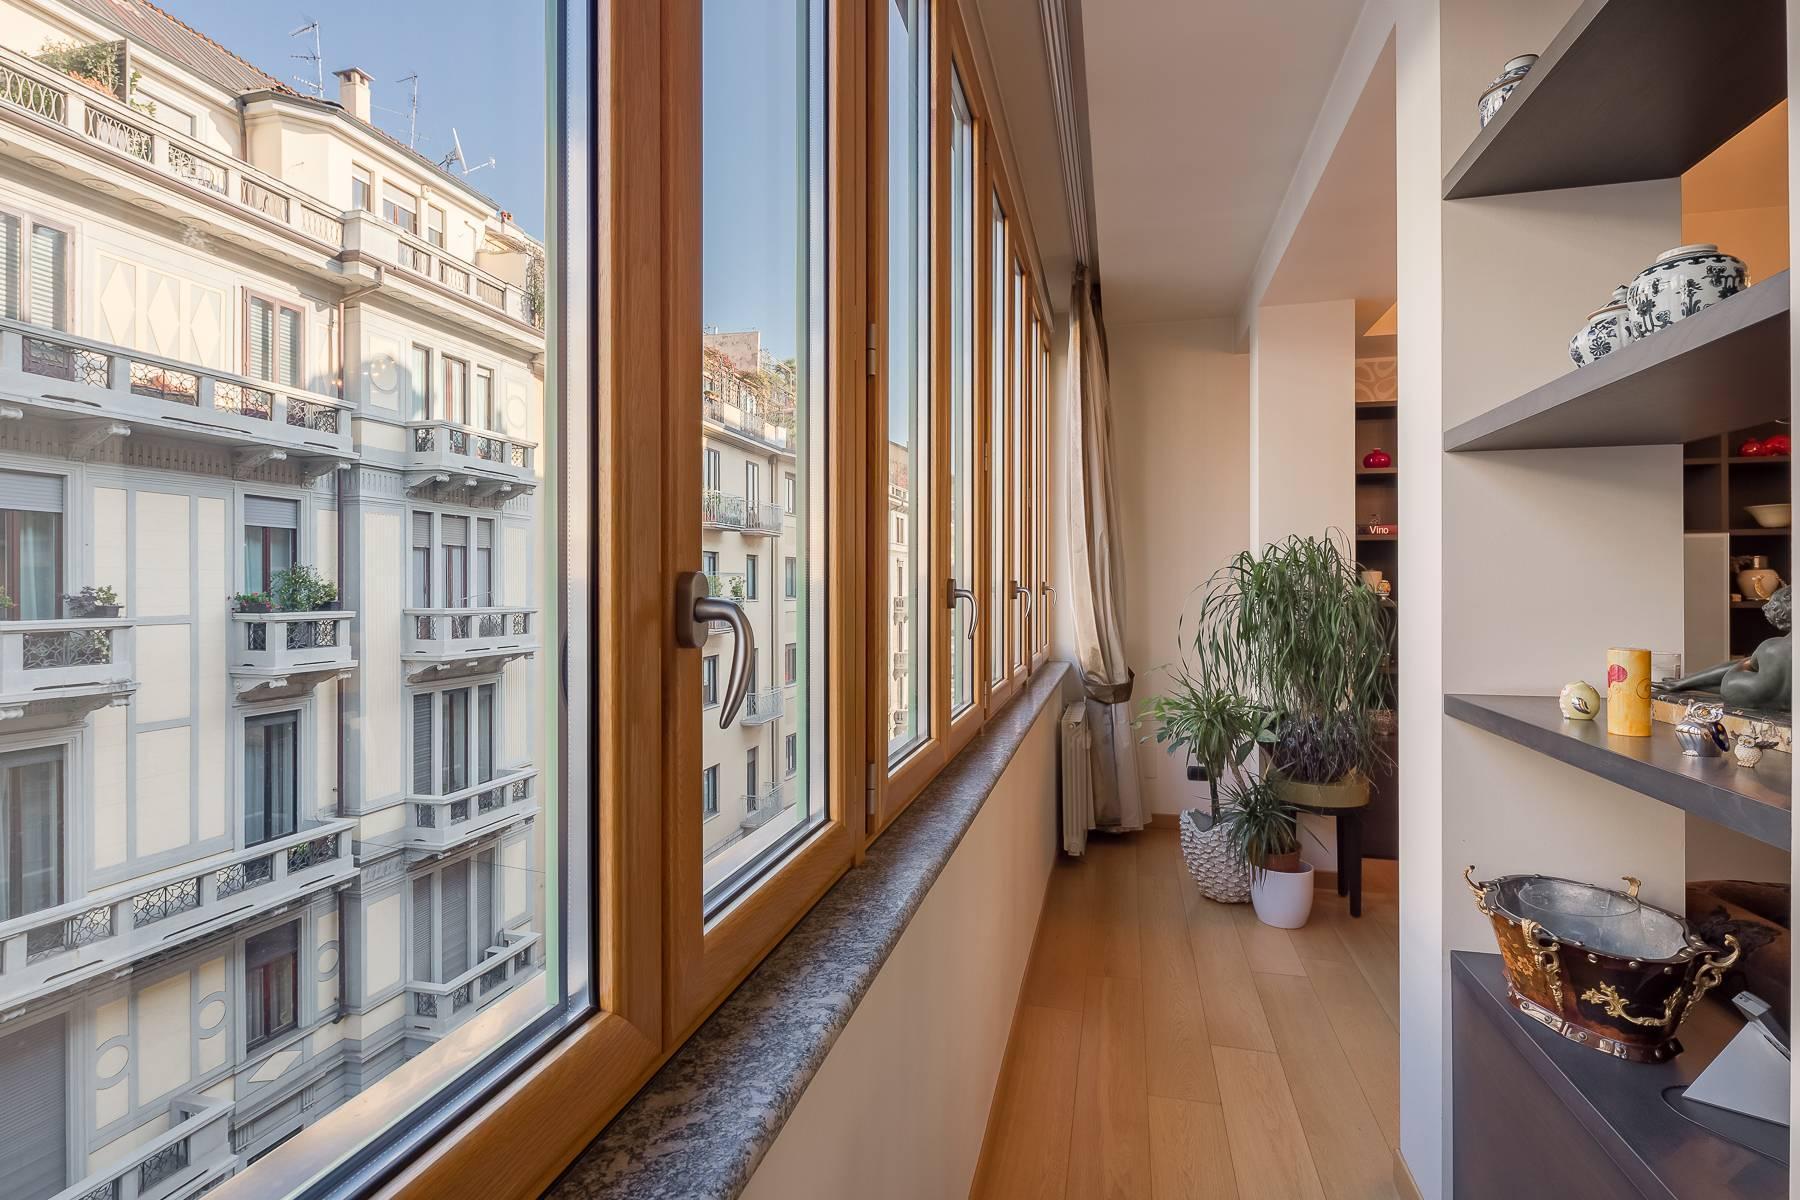 Квартира в классическом стиле на via Besana - 12